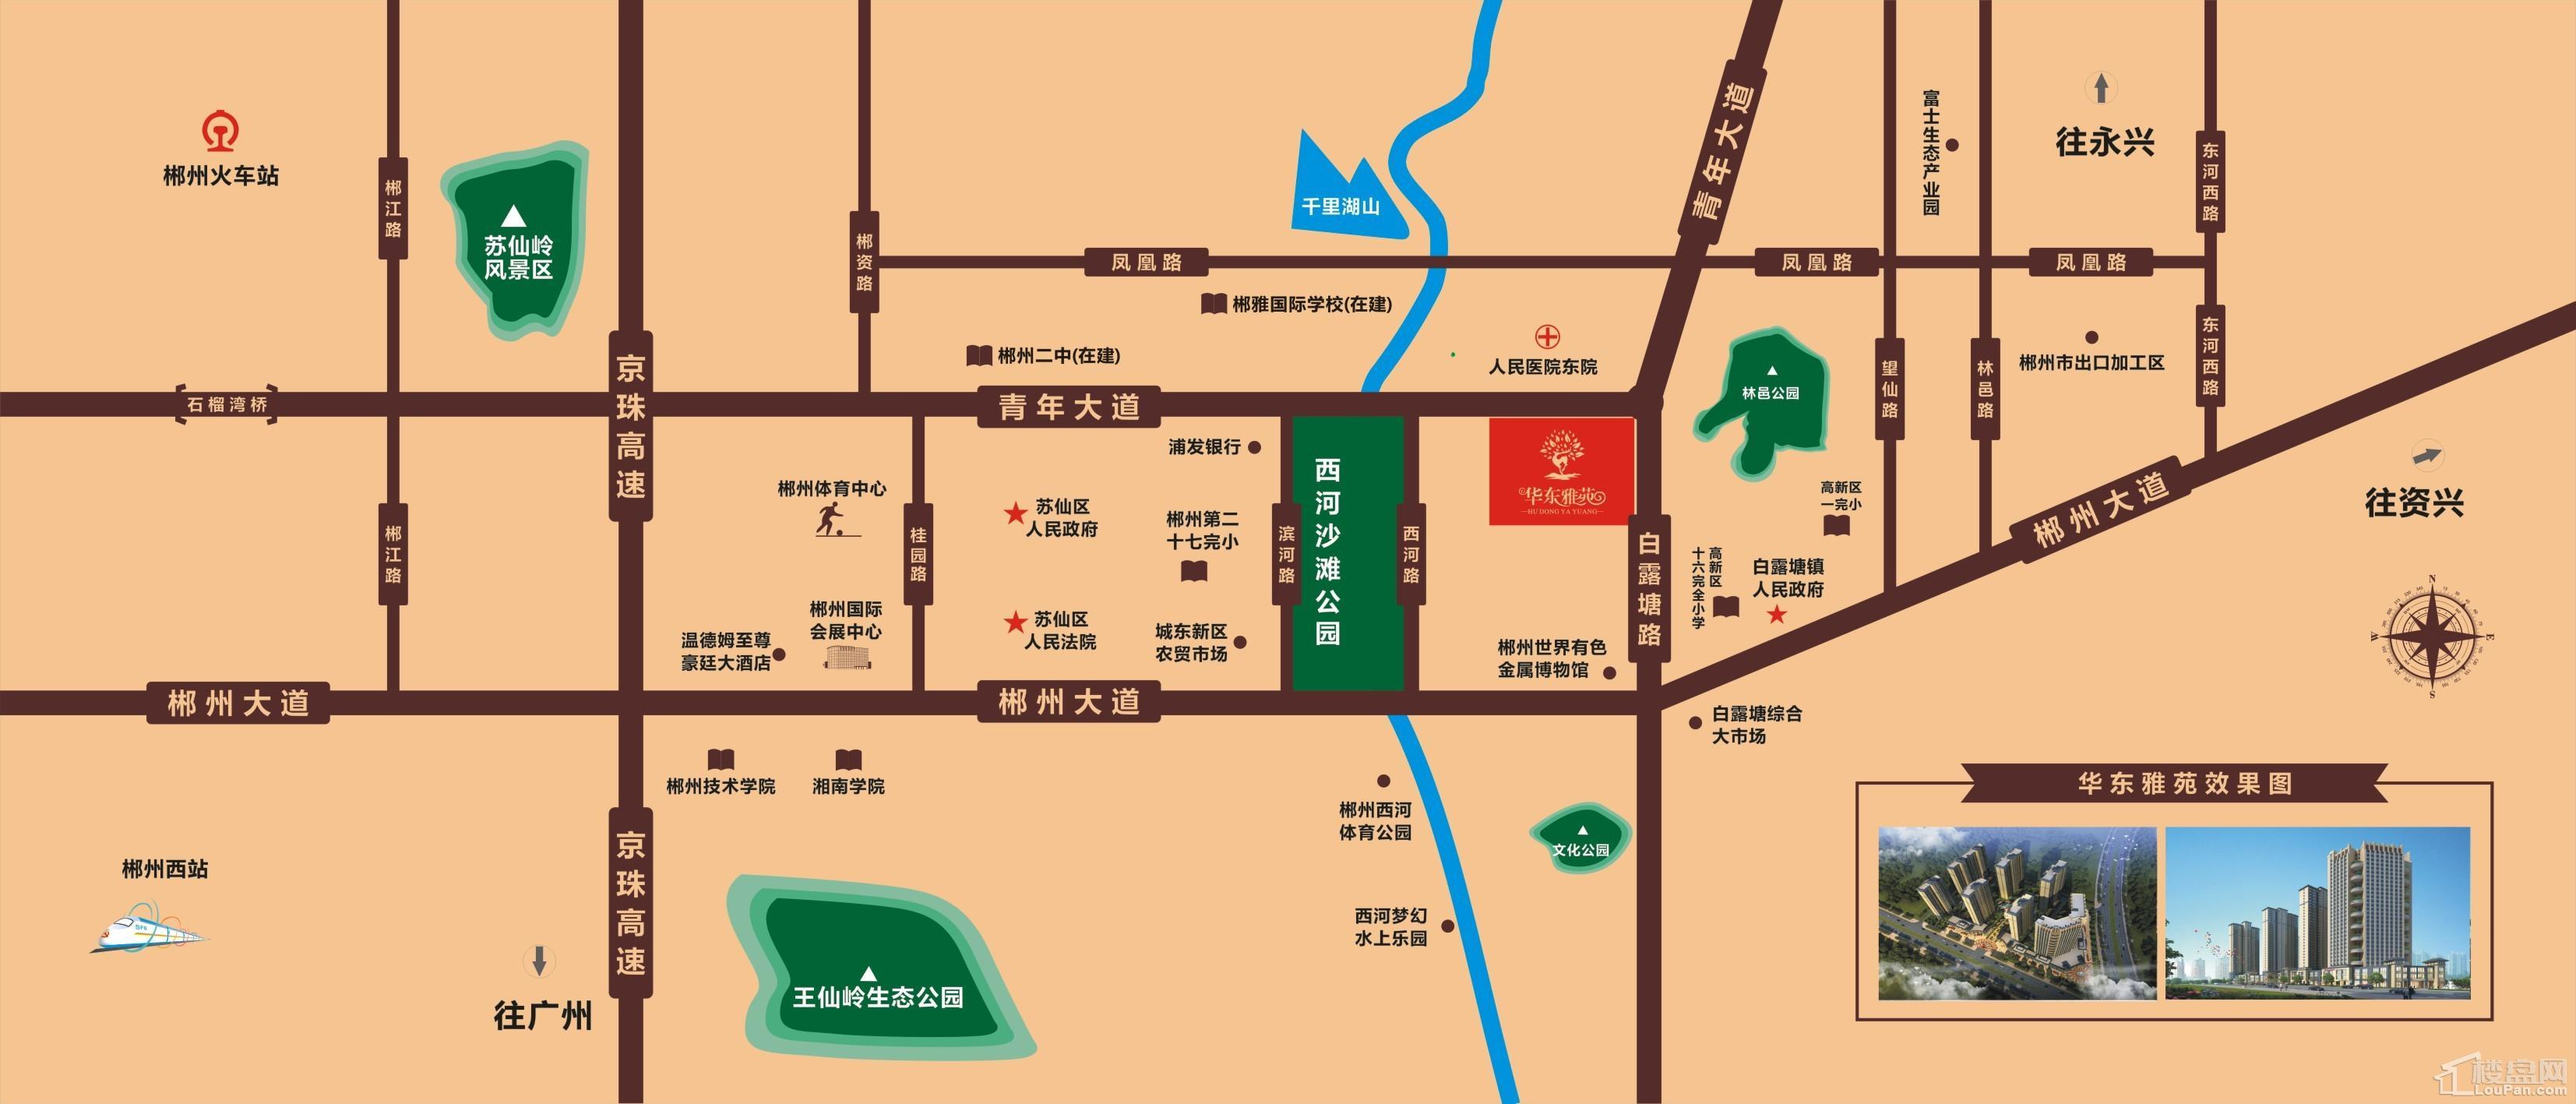 华东雅苑区位交通图